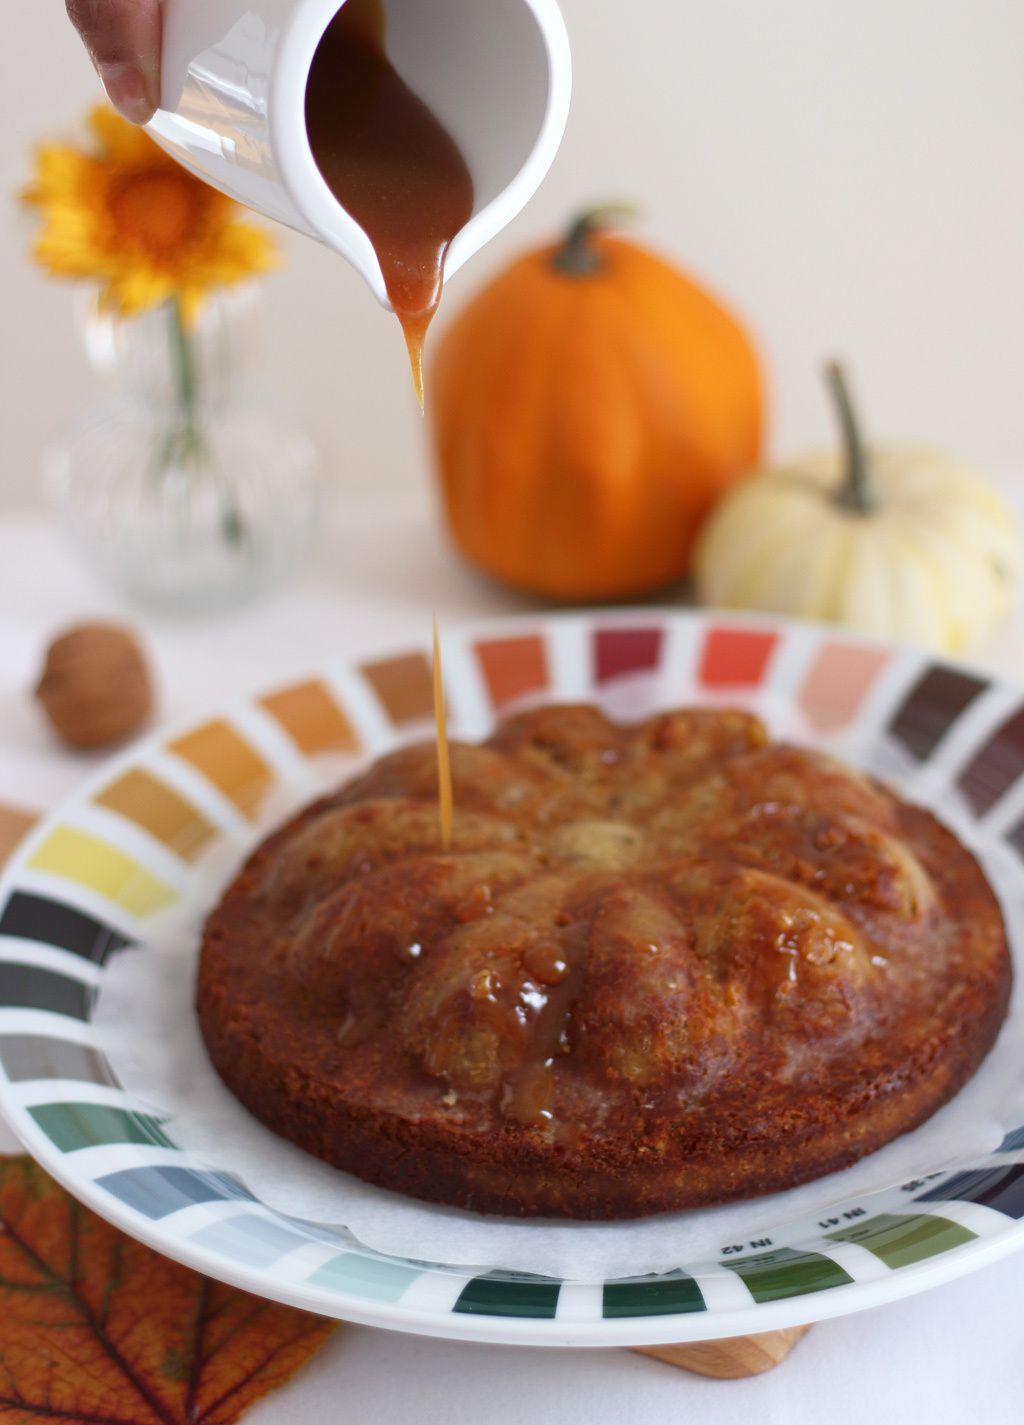 Cake automnal à la banane, châtaigne, zeste de clémentine & sa sauce caramel au beurre salé